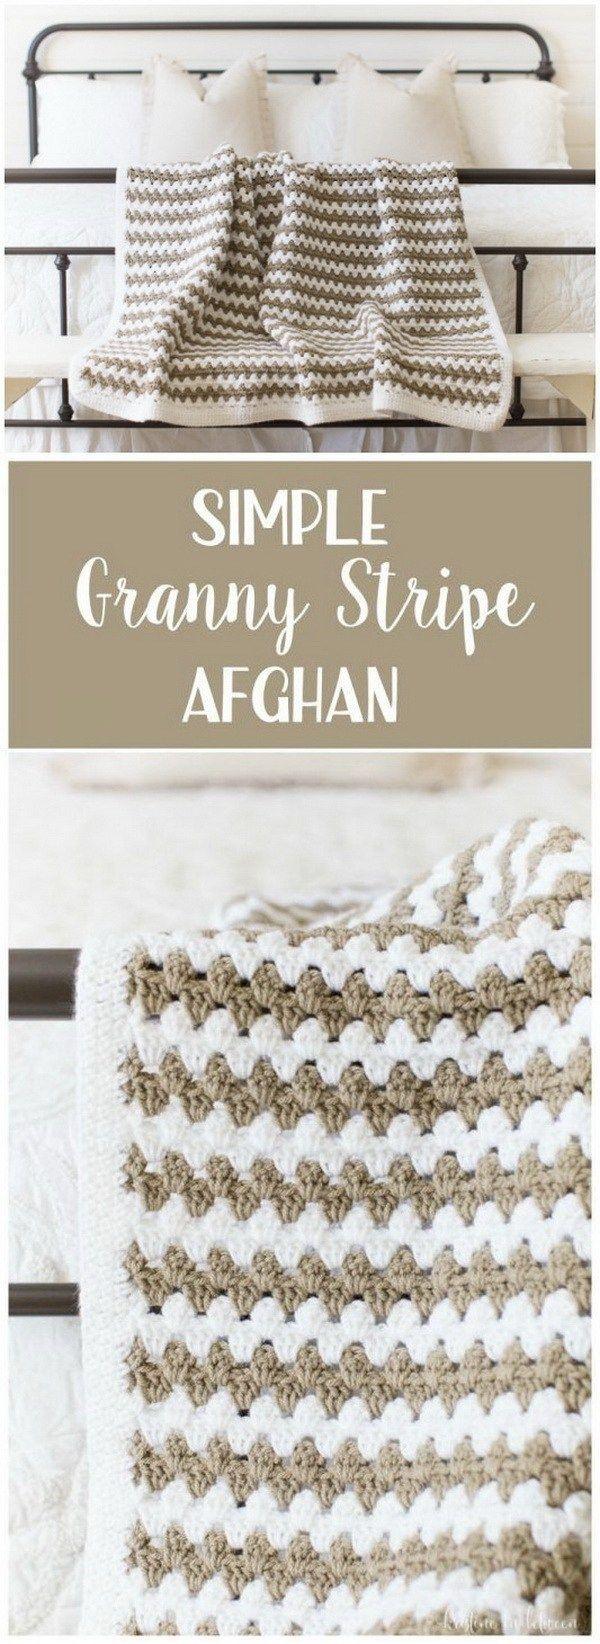 330 best Crochet Afghans images on Pinterest | Crochet blankets ...